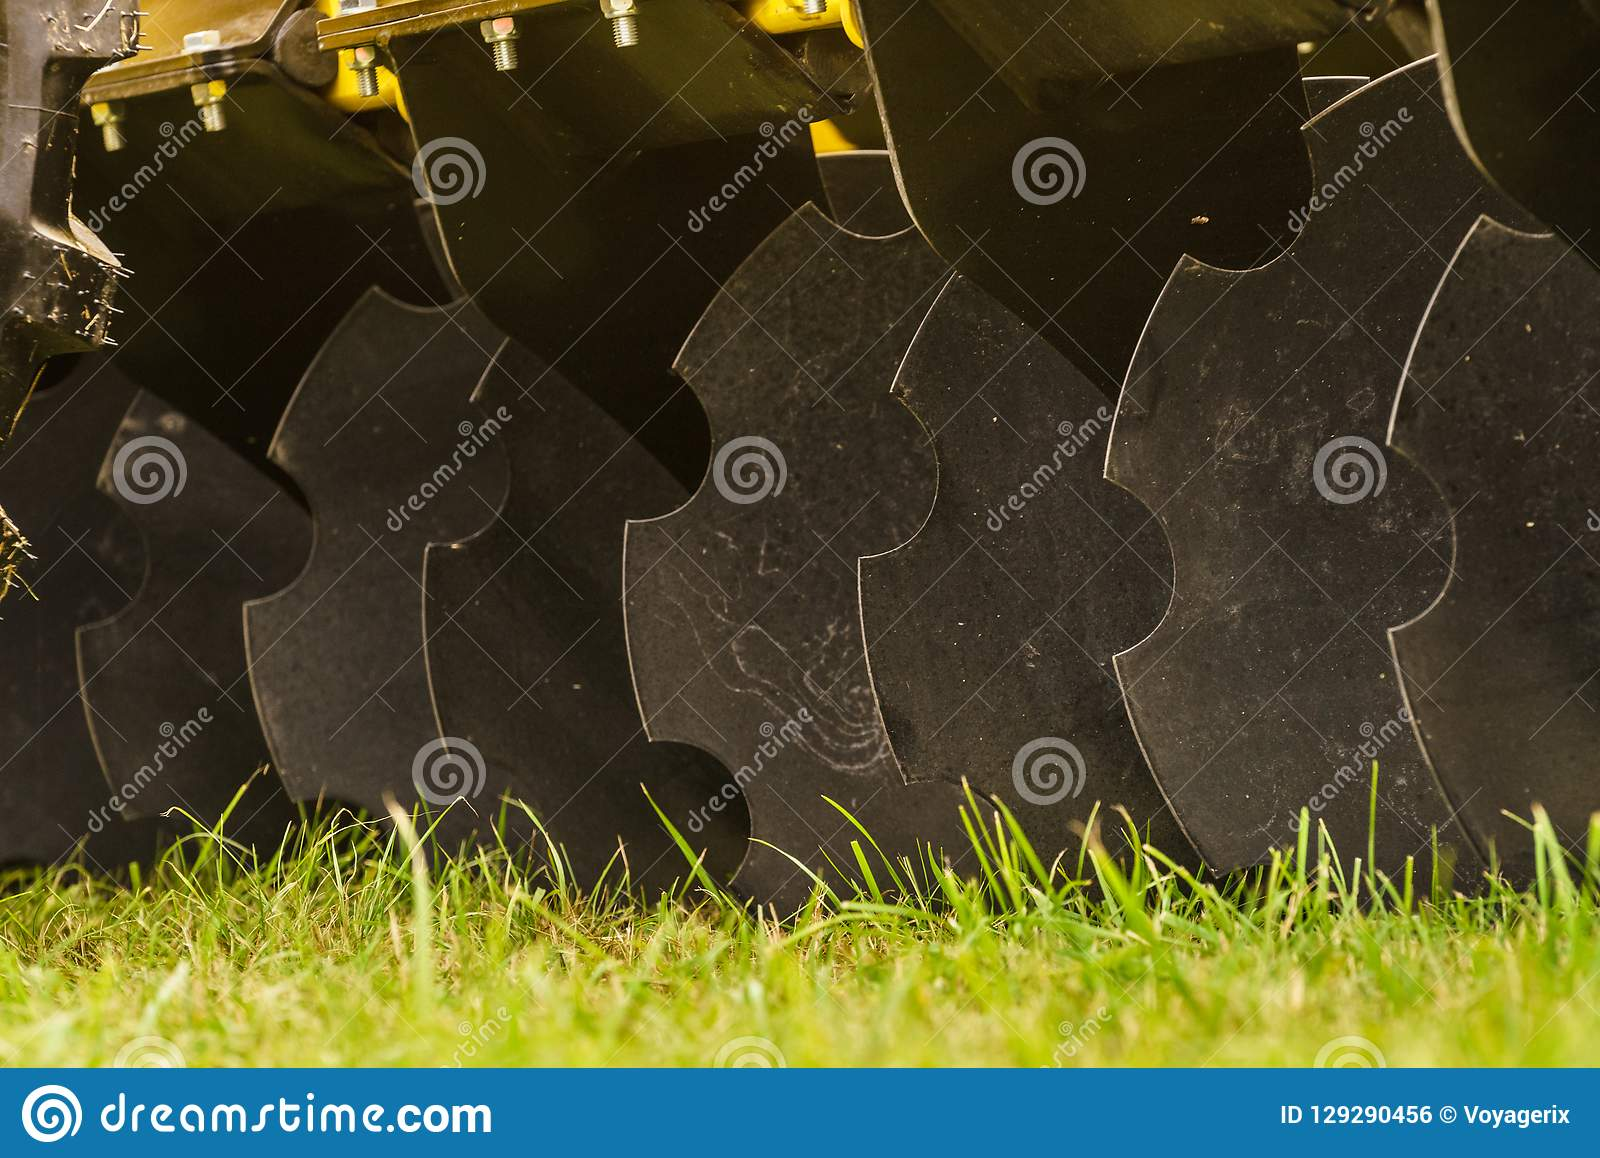 松开的土壤圆盘耕地机